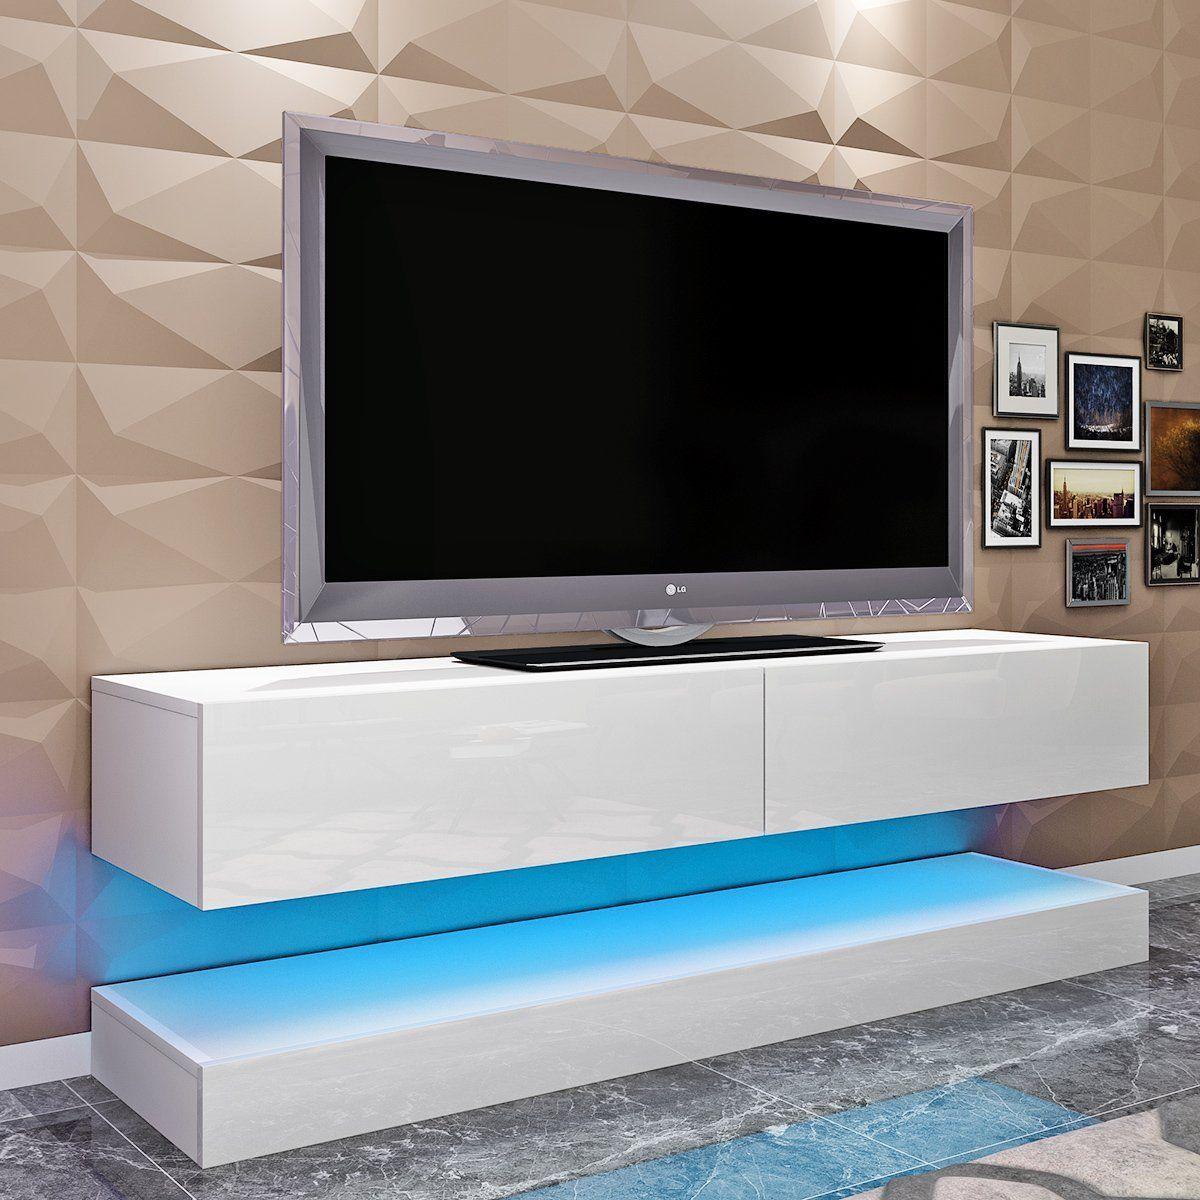 Panana 140 CENTIMETRI Galleggiante Mobile TV Di Alta Lordo Anteriore Desigh Porta AEROMOBILI Appeso Mobile Porta TV Moderno LED Living Room Furniture